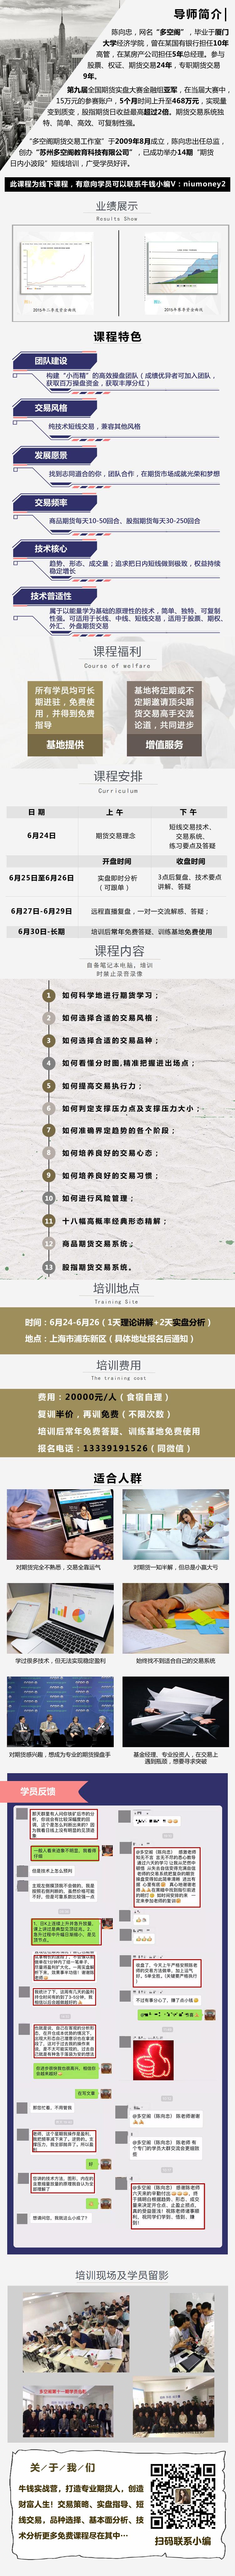 chenxiangzhong.jpg